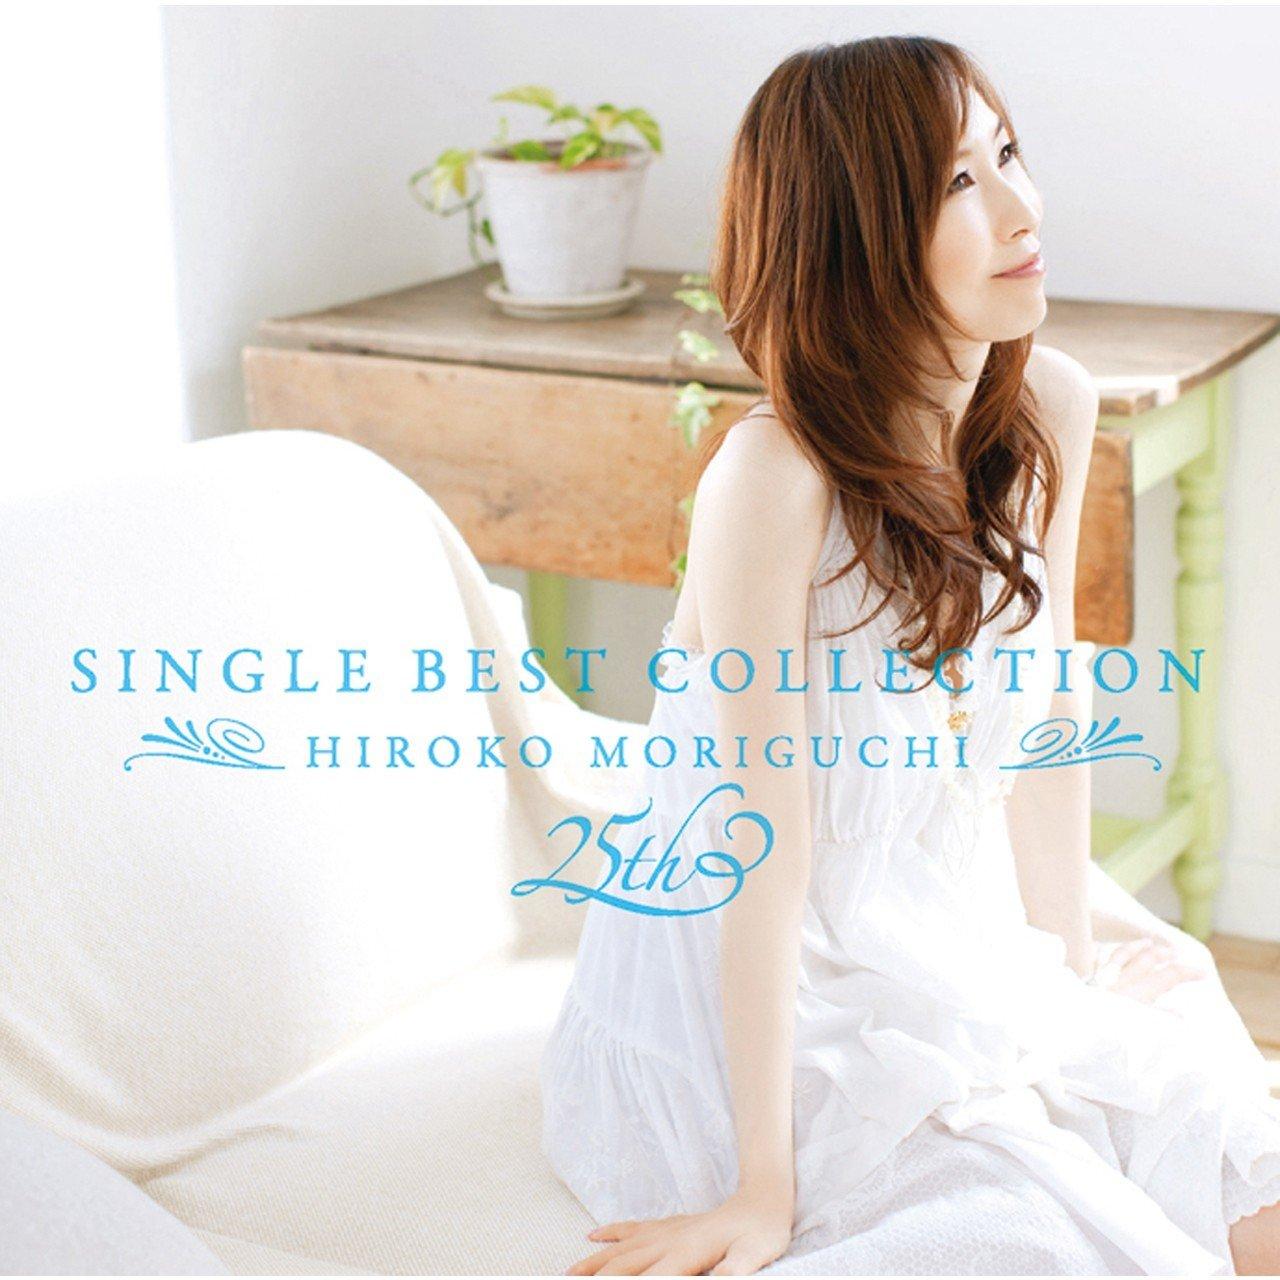 森口博子 (Hiroko Moriguchi) – シングル ベスト コレクション (SINGLE BEST COLLECTION) [24bit Lossless + MP3 320 / WEB] [2010.07.07]